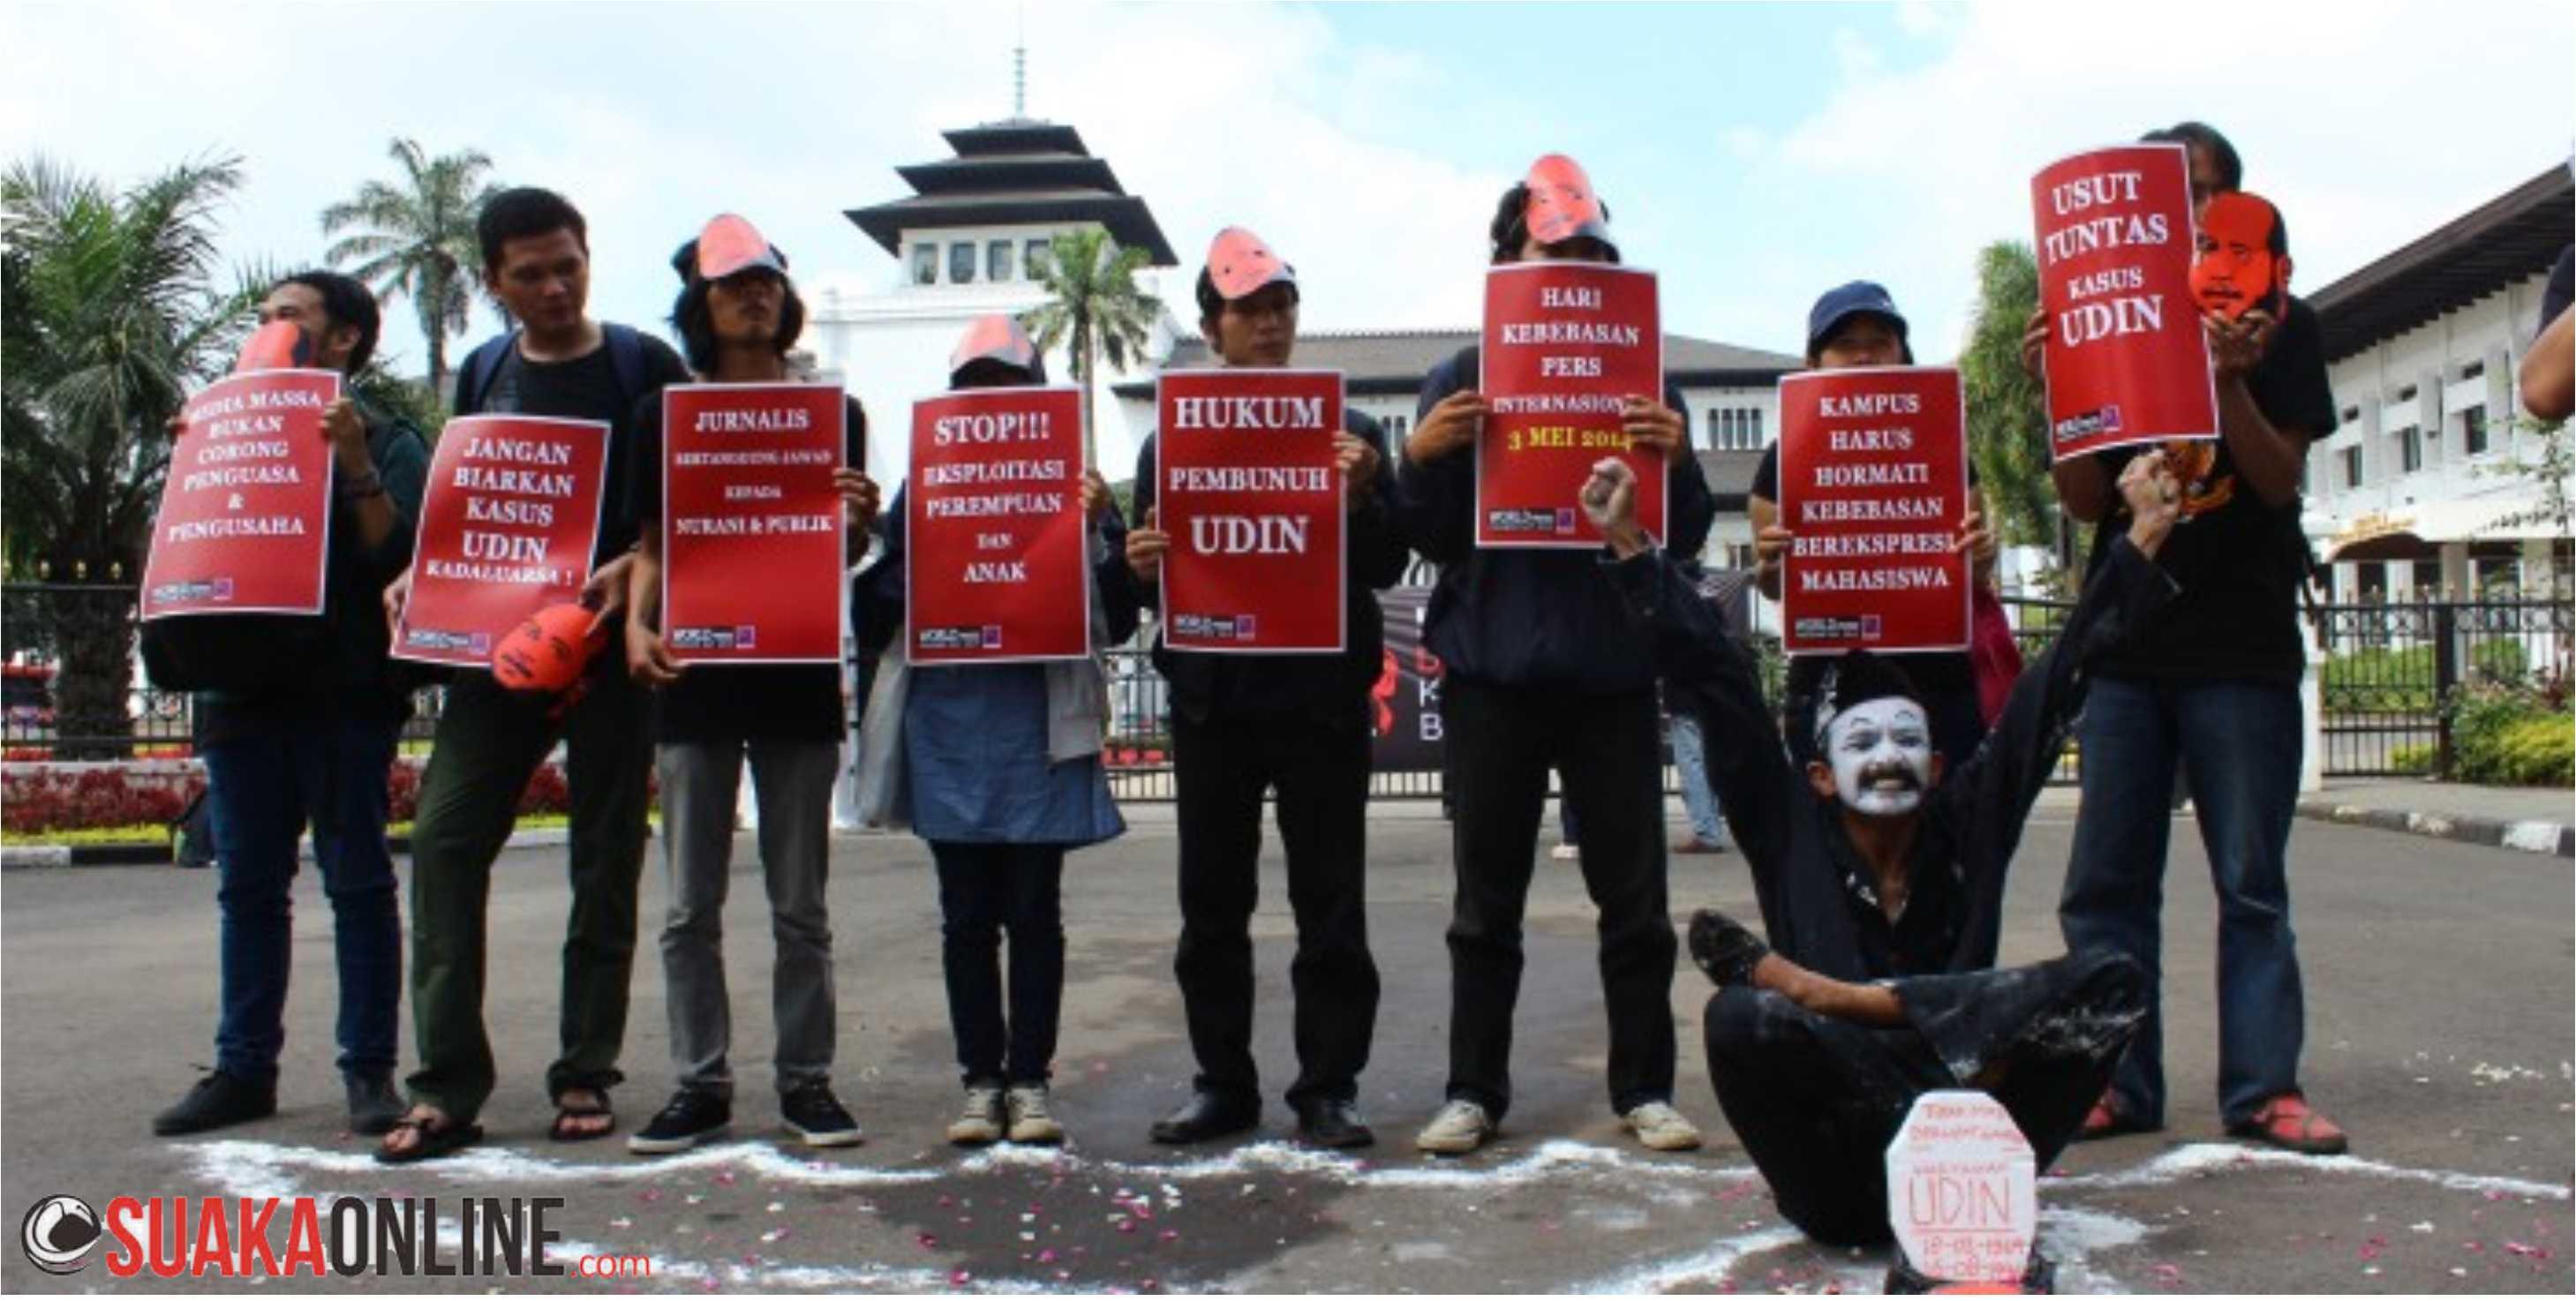 Peserta aksi dari Aliansi Jurnalistik Independen (AJI) Bandung sedang melakukan aksi teatrikal dalam peringatan Hari Kebebasan Pers Sedunia di depan Gedung Sate, Bandung, Sabtu (3/5). Dalam aksi ini AJI Bandung menuntut kejelasan kasus pembunuhan terhadap beberapa jurnalis yang sampai saat ini belum tuntas seperti kasus Udin. Foto: Robby Darmawan/Magang